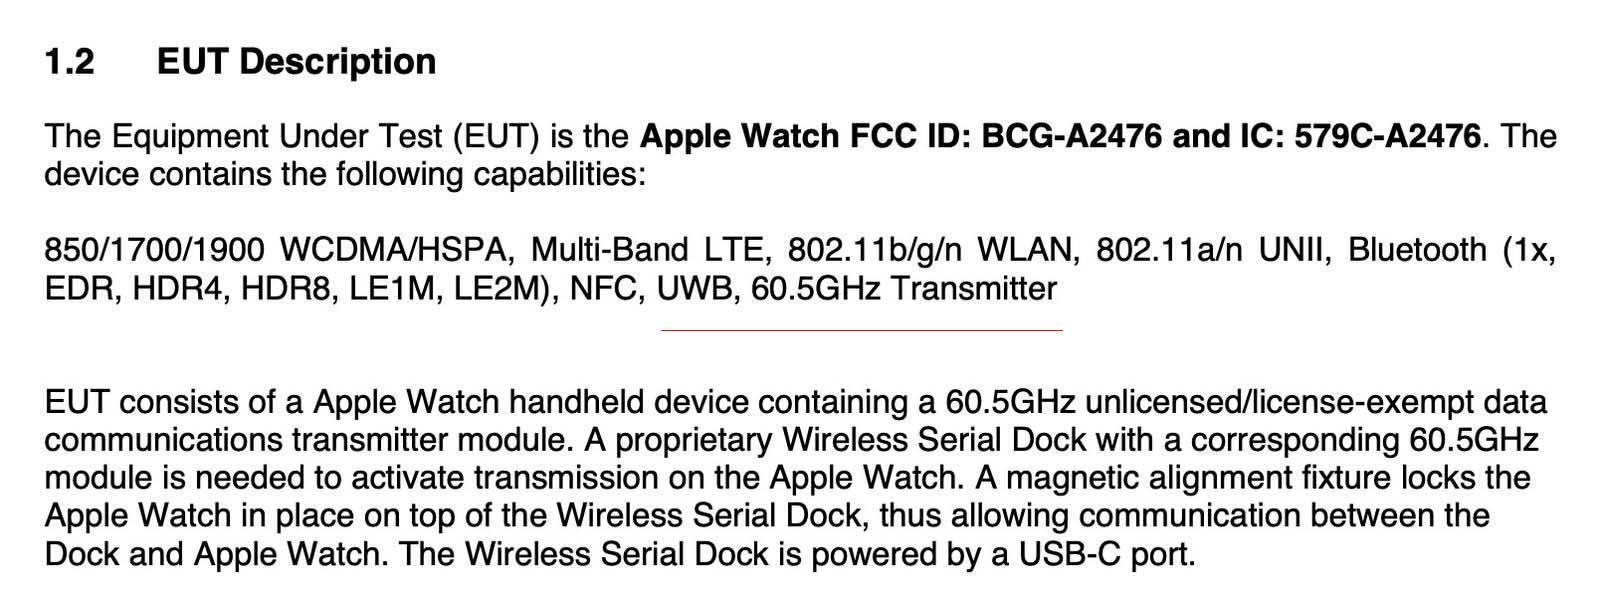 Apple Watch 7 supporta il trasferimento wireless 60.5GHz ma solo per uso interno